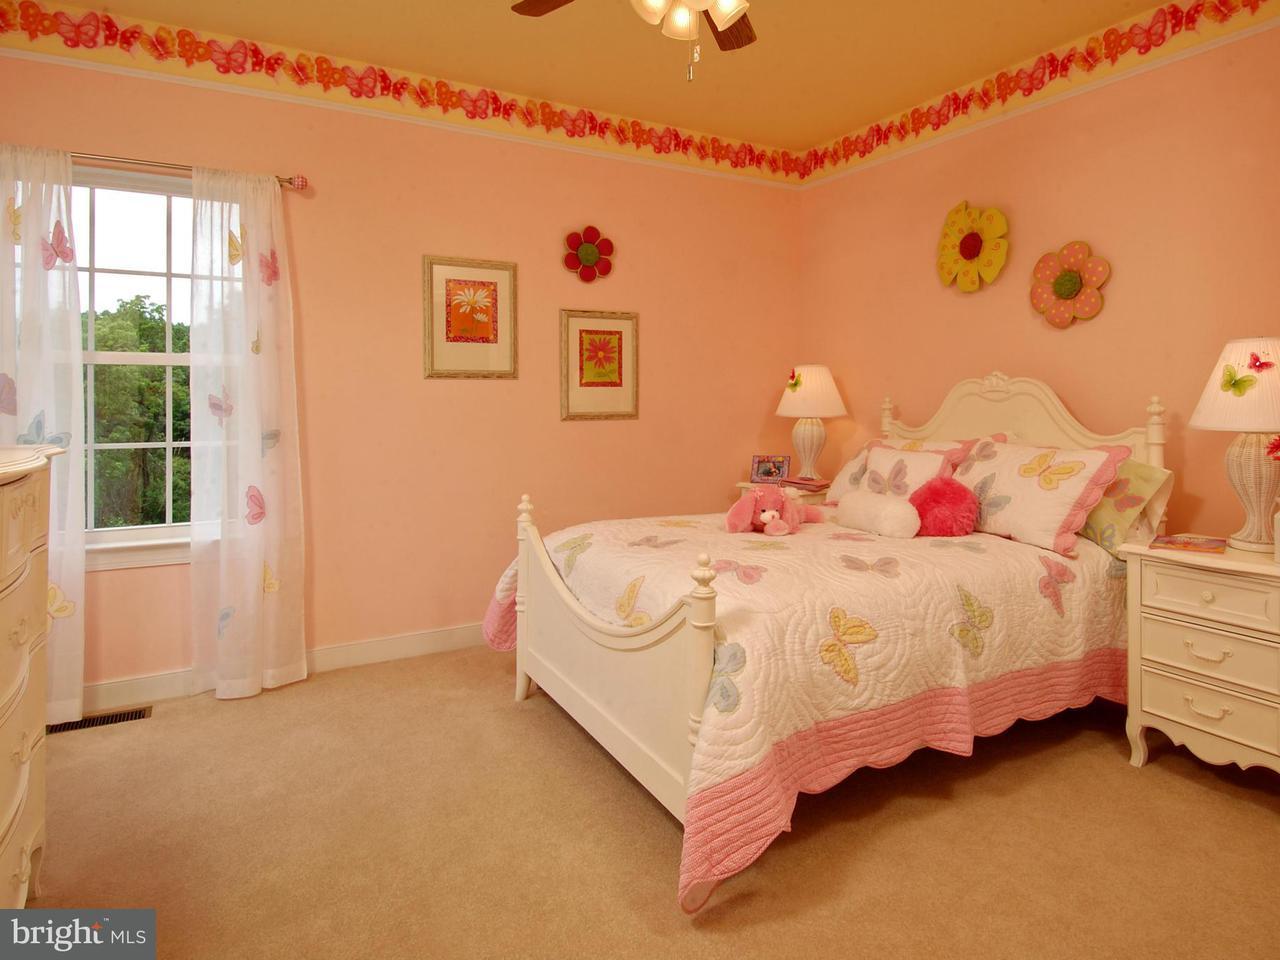 Additional photo for property listing at 603 CALDER CASTLE Court 603 CALDER CASTLE Court Parkton, Μεριλαντ 21120 Ηνωμενεσ Πολιτειεσ